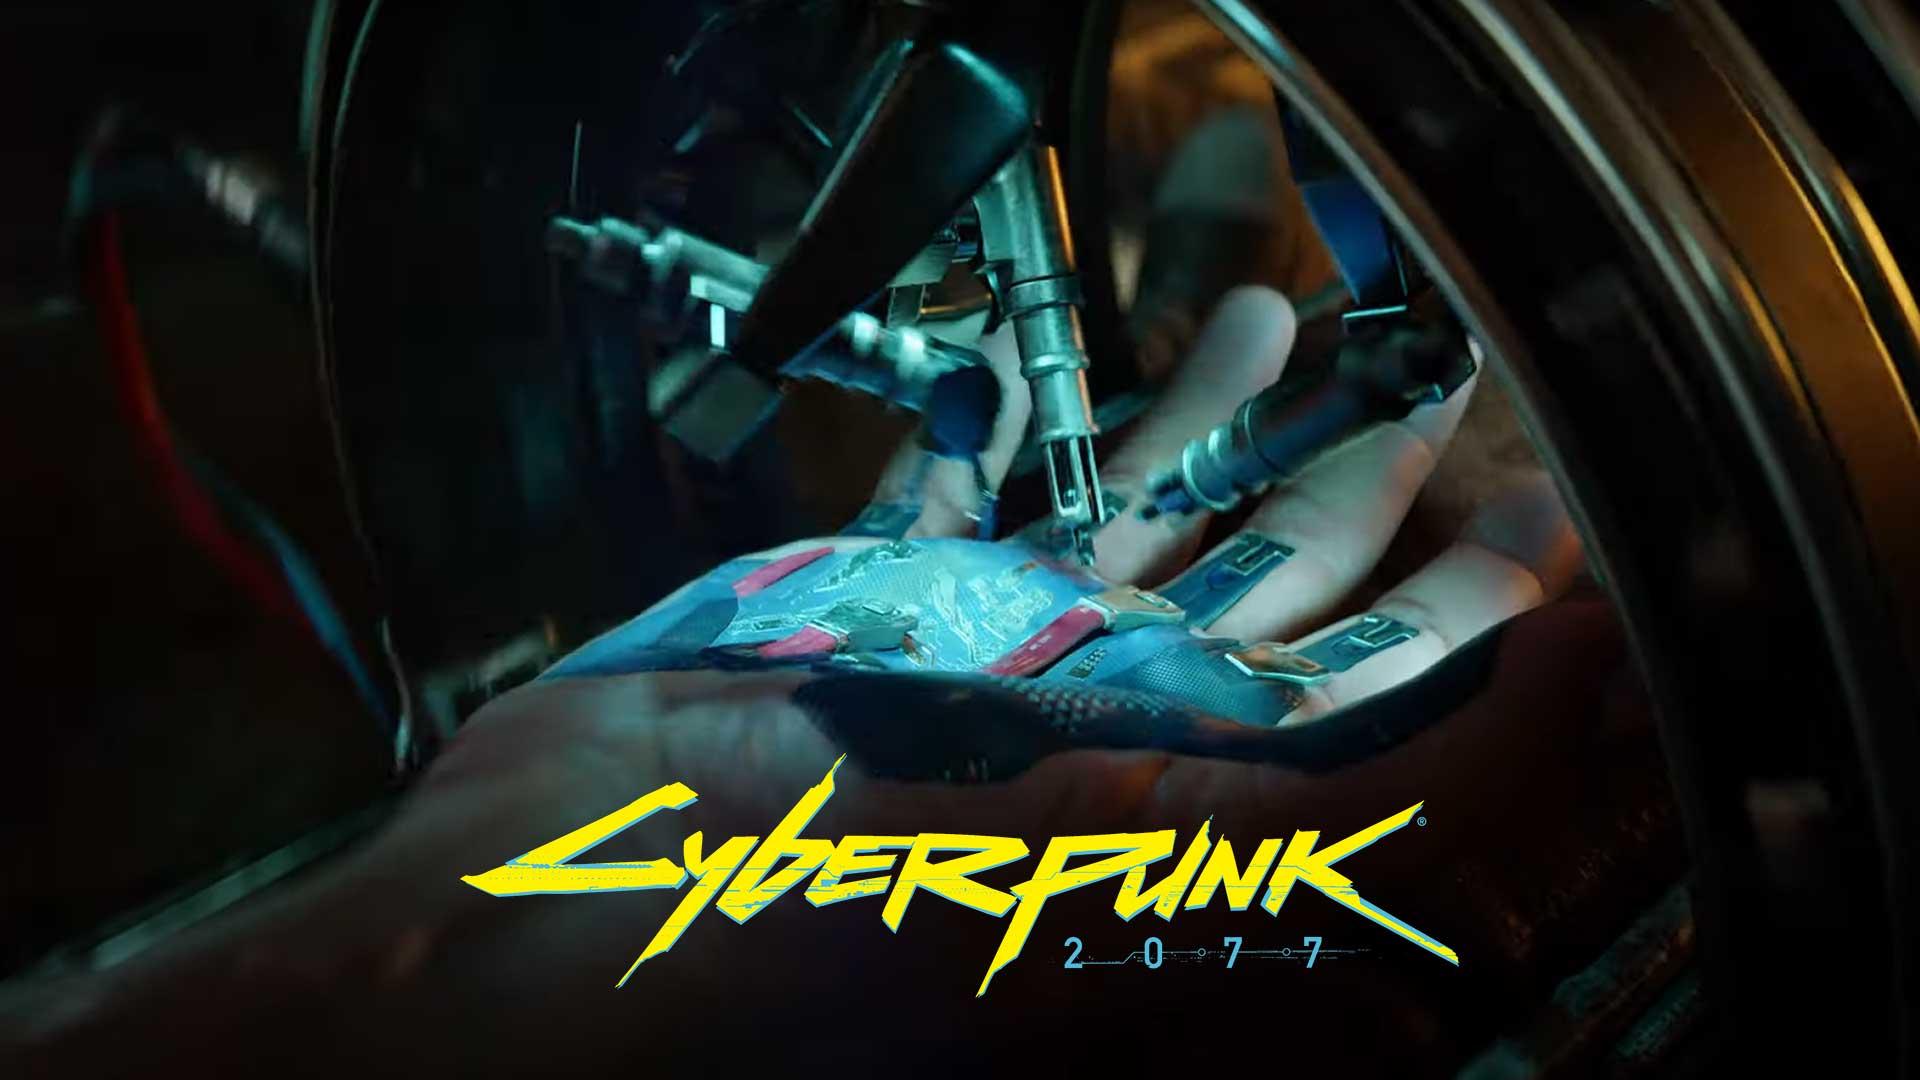 cyberpunk 2077 nightwire 4